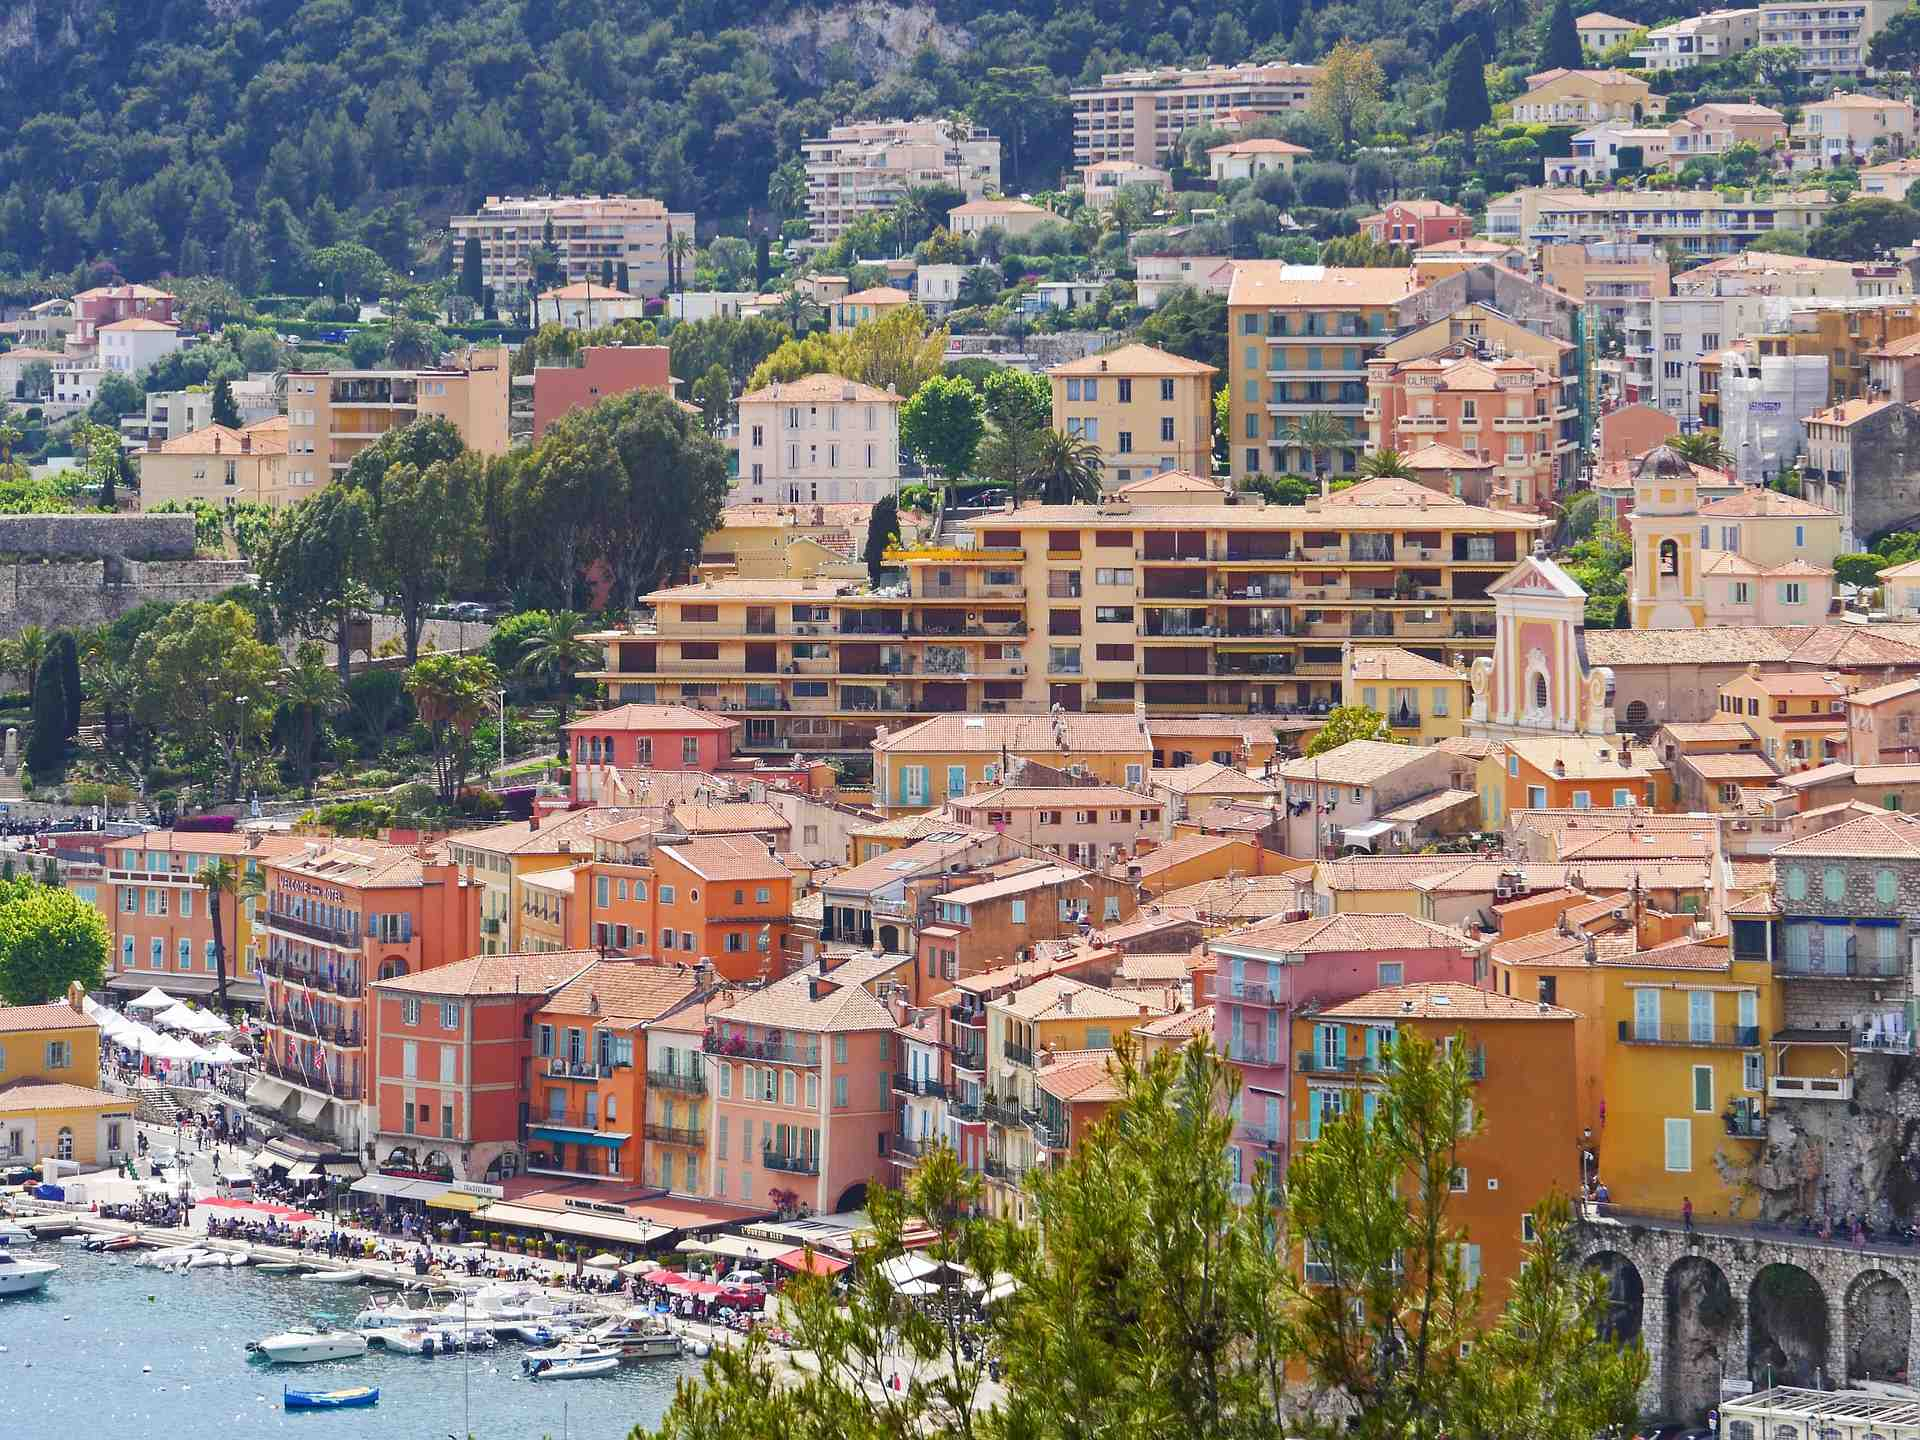 Comment faire pour vendre son appartement rapidement à Nice ?